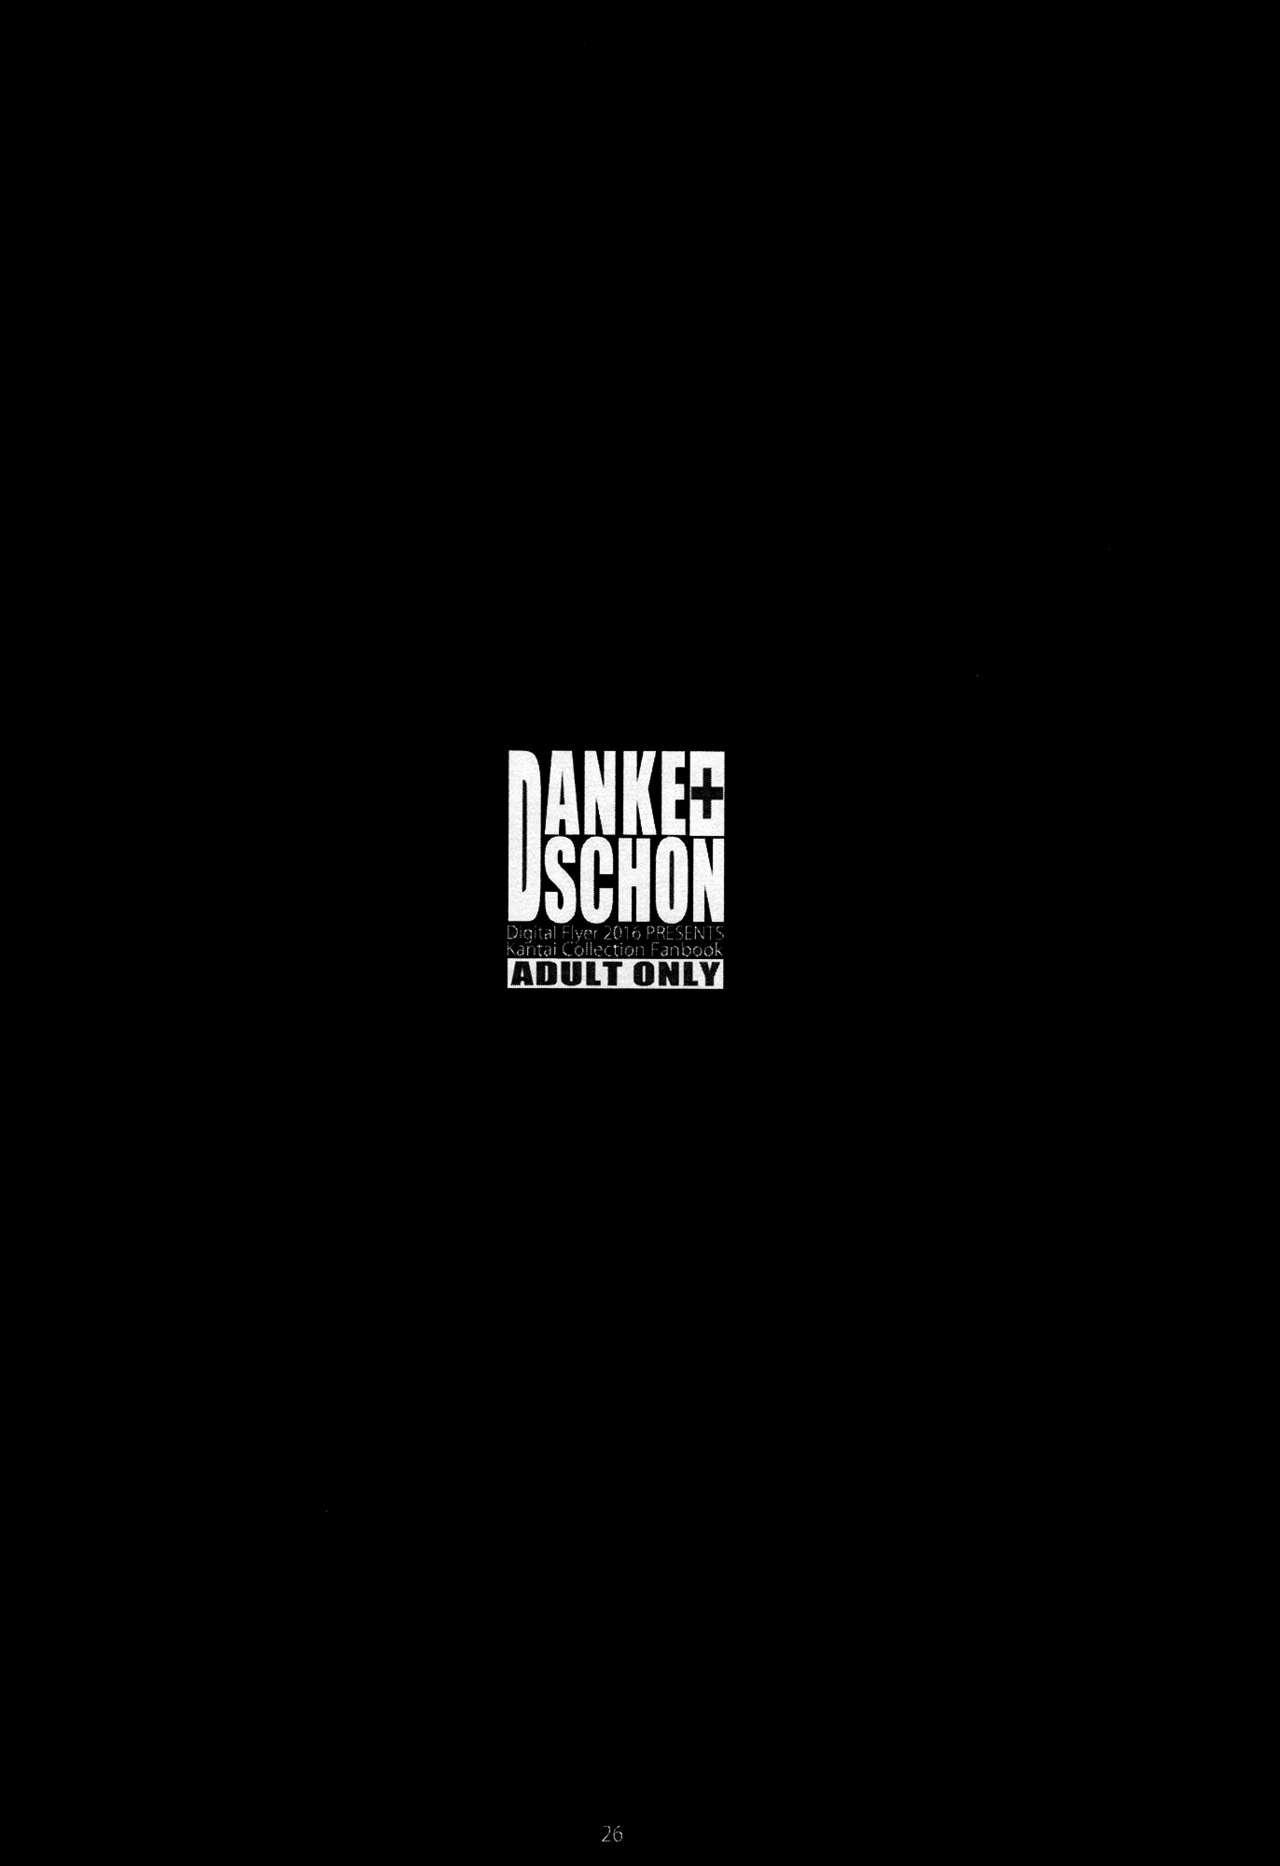 DANKE+SCHON 24